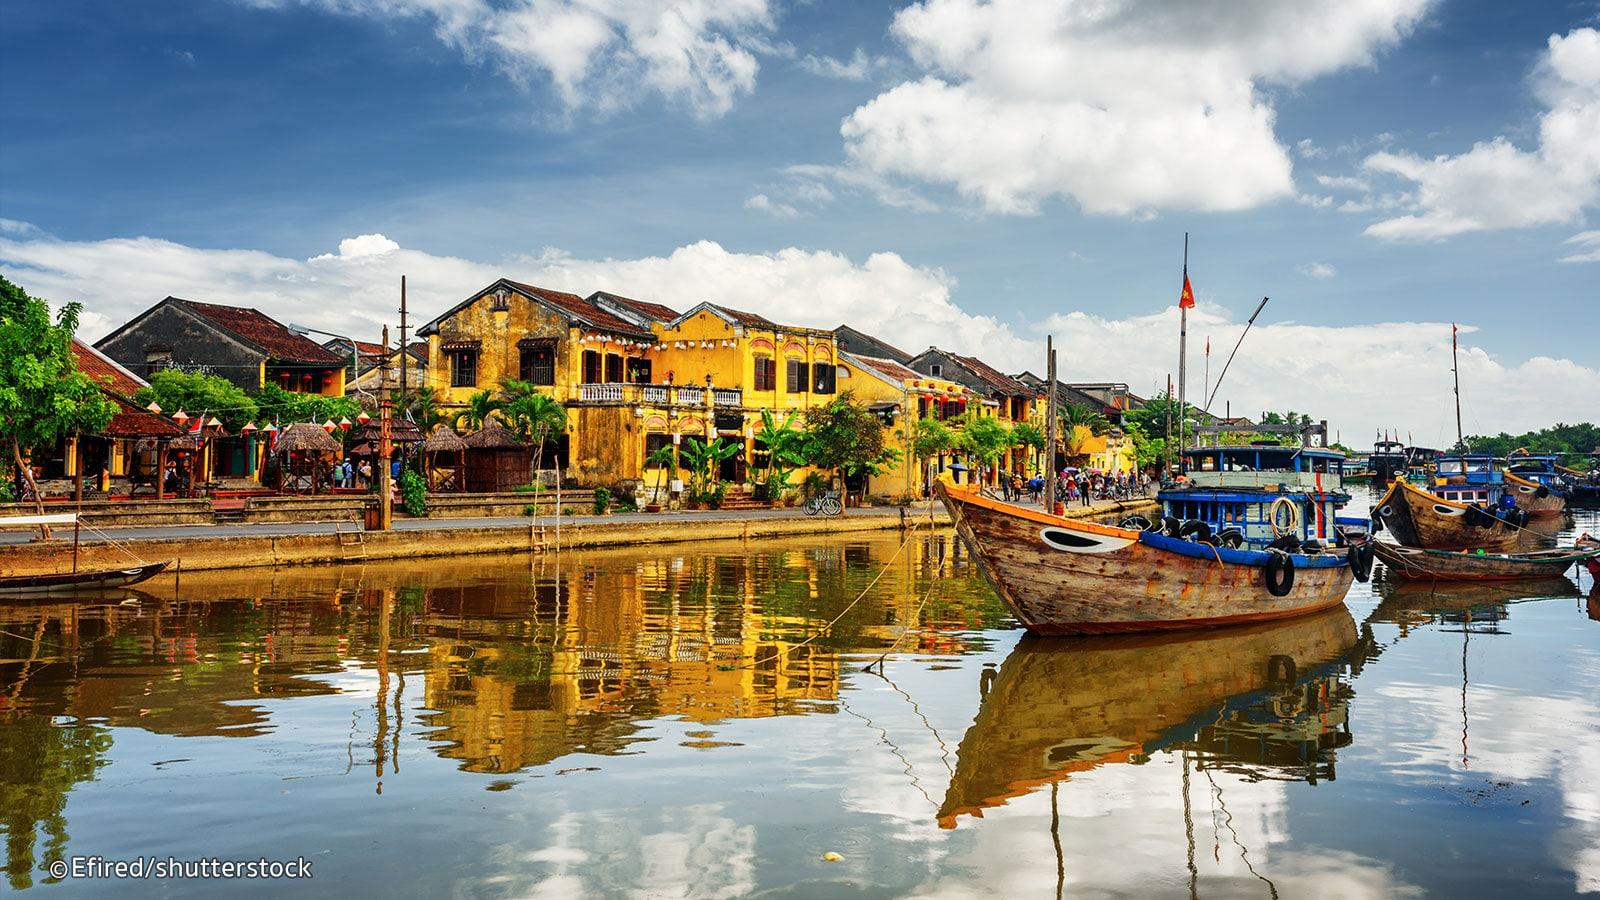 Hành trình di sản: Đà Nẵng – Sơn Trà – Bà Nà – Hội An – Huế